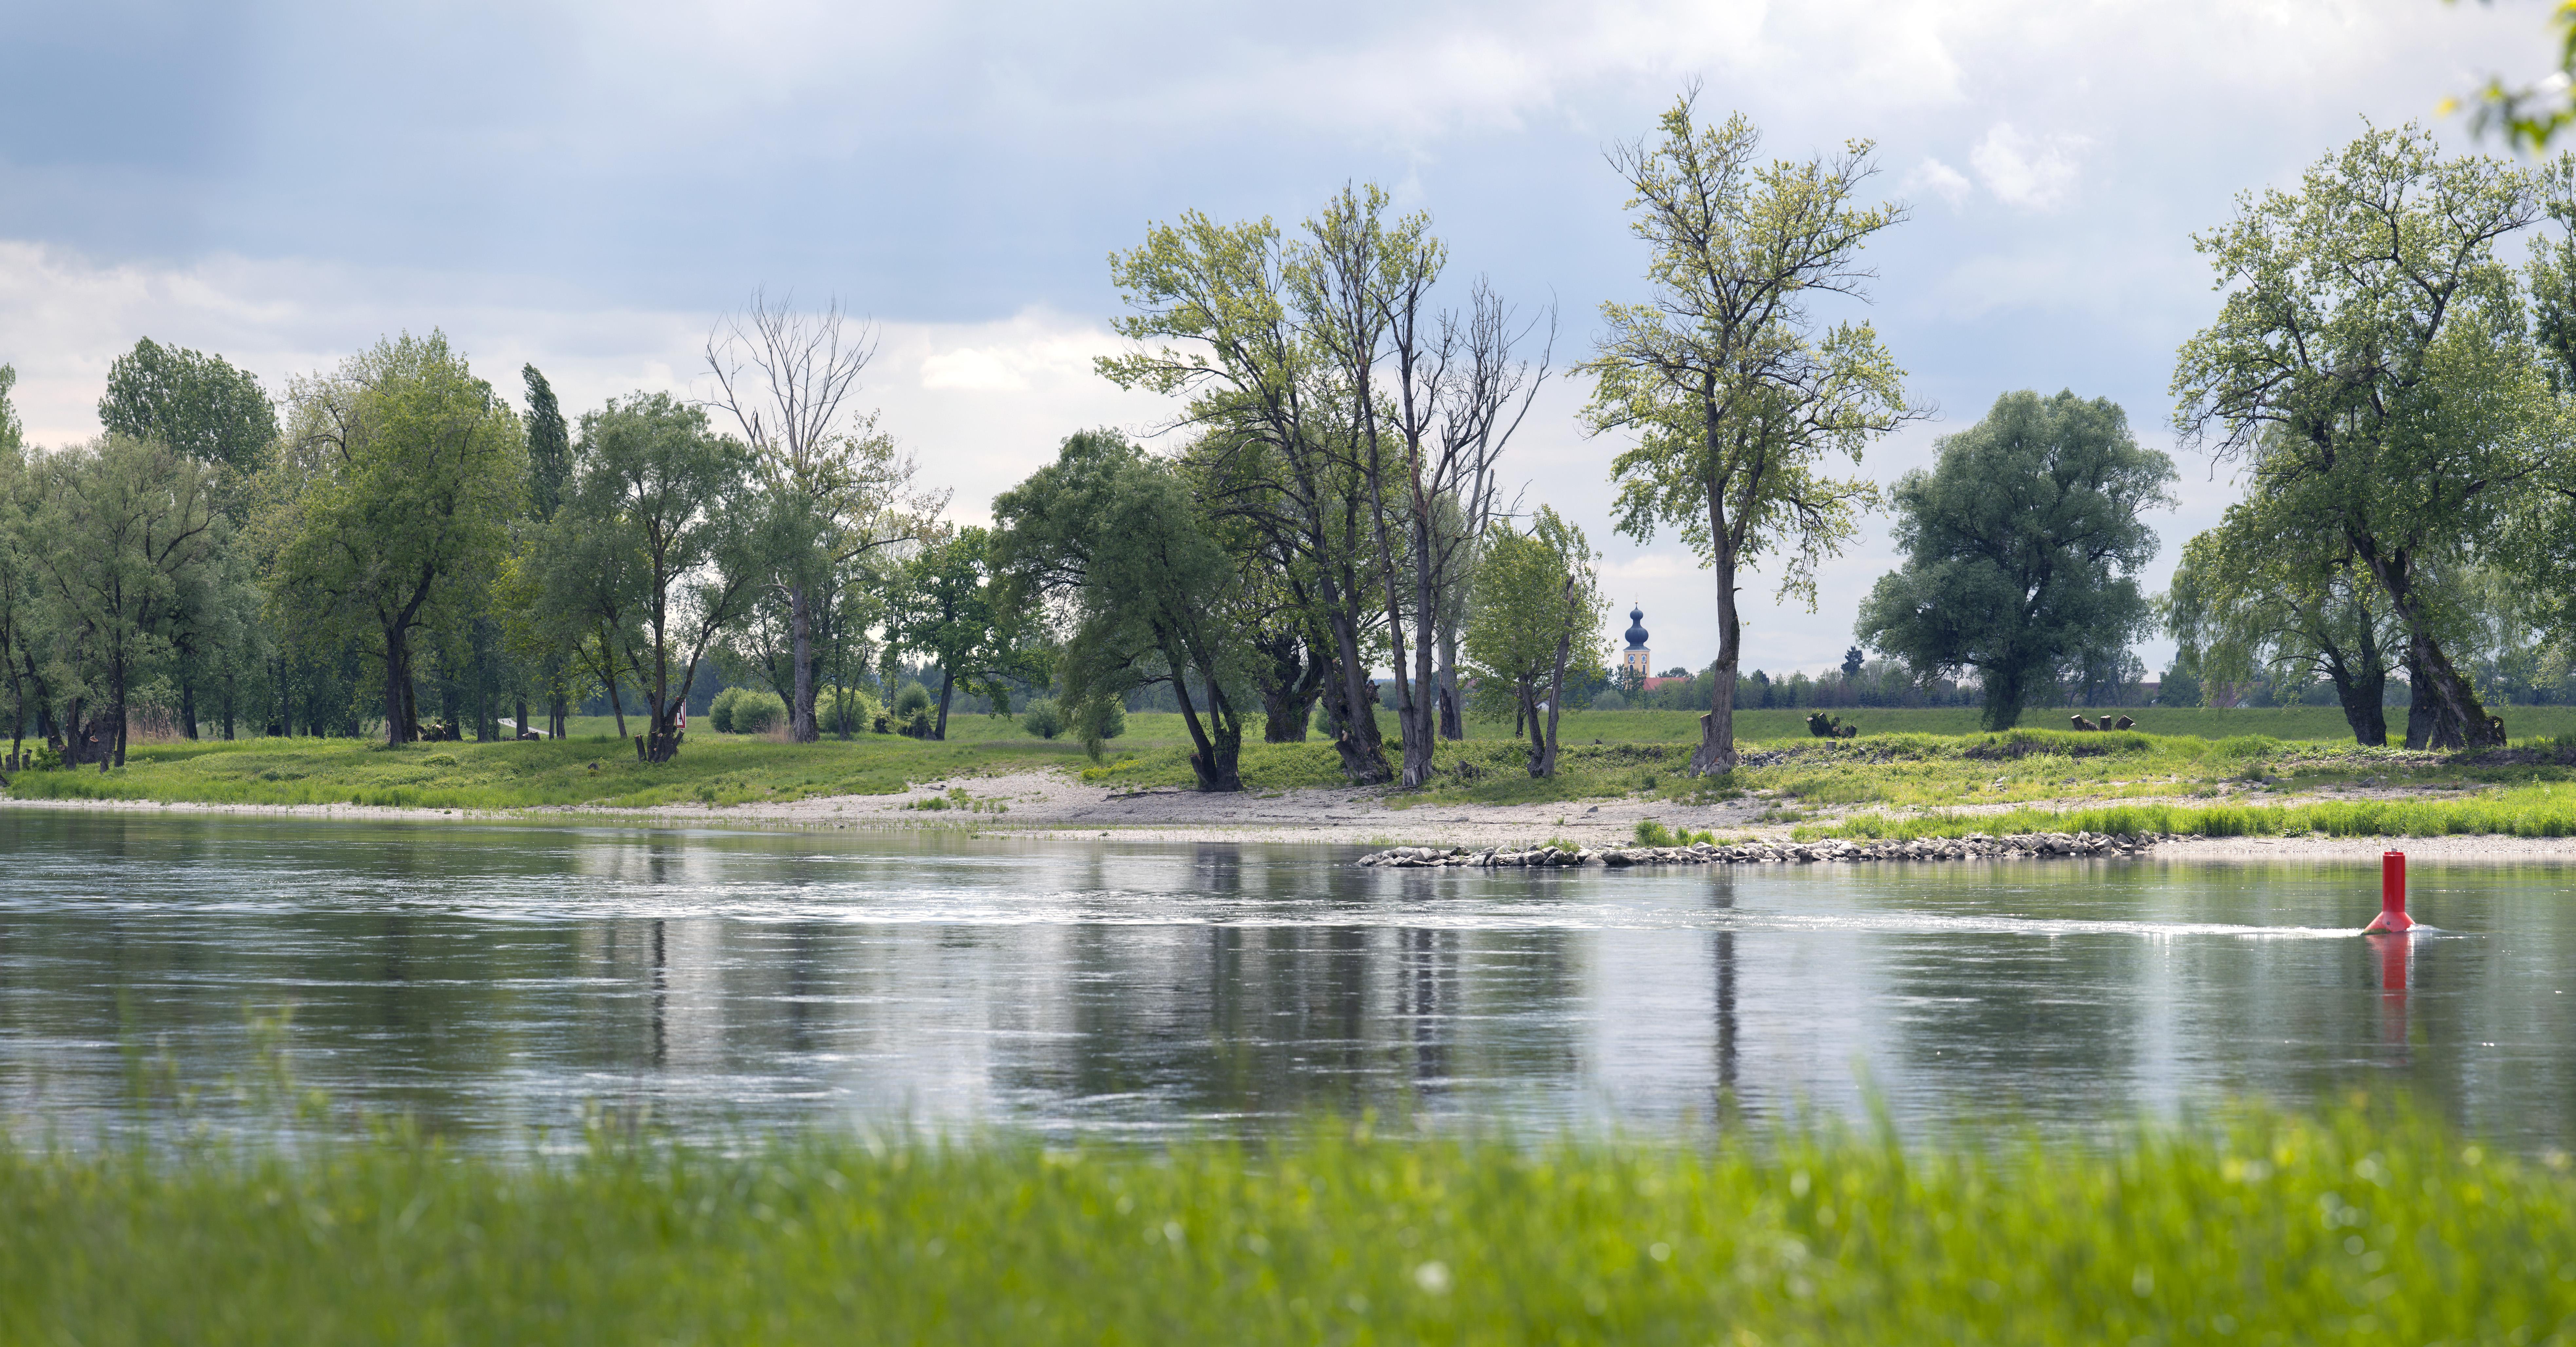 Die Donau bei Aicha in der Nähe von Osterhofen im Deggendorfer Land